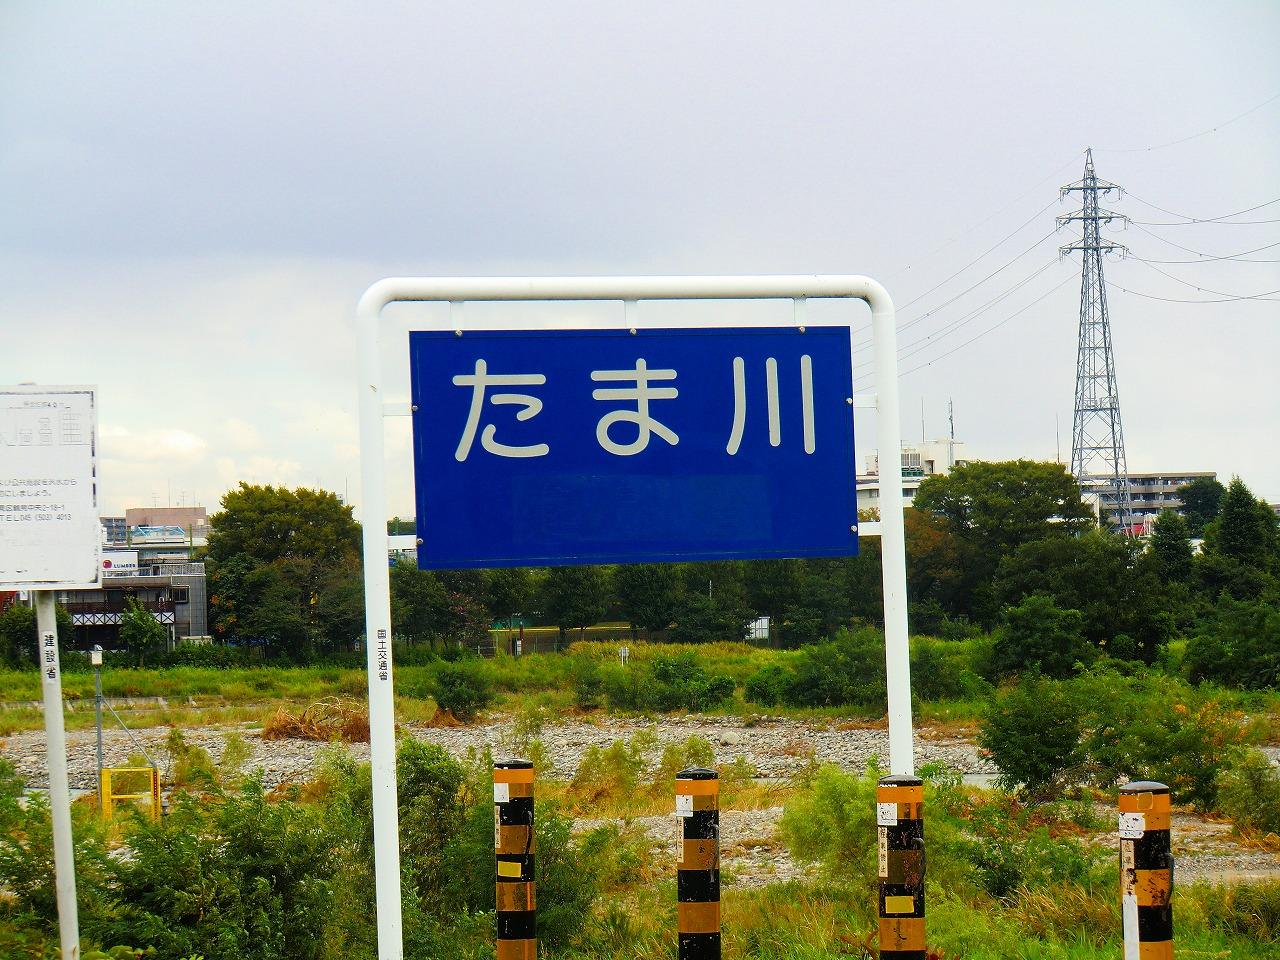 2011_0916_095545-CIMG1589.jpg